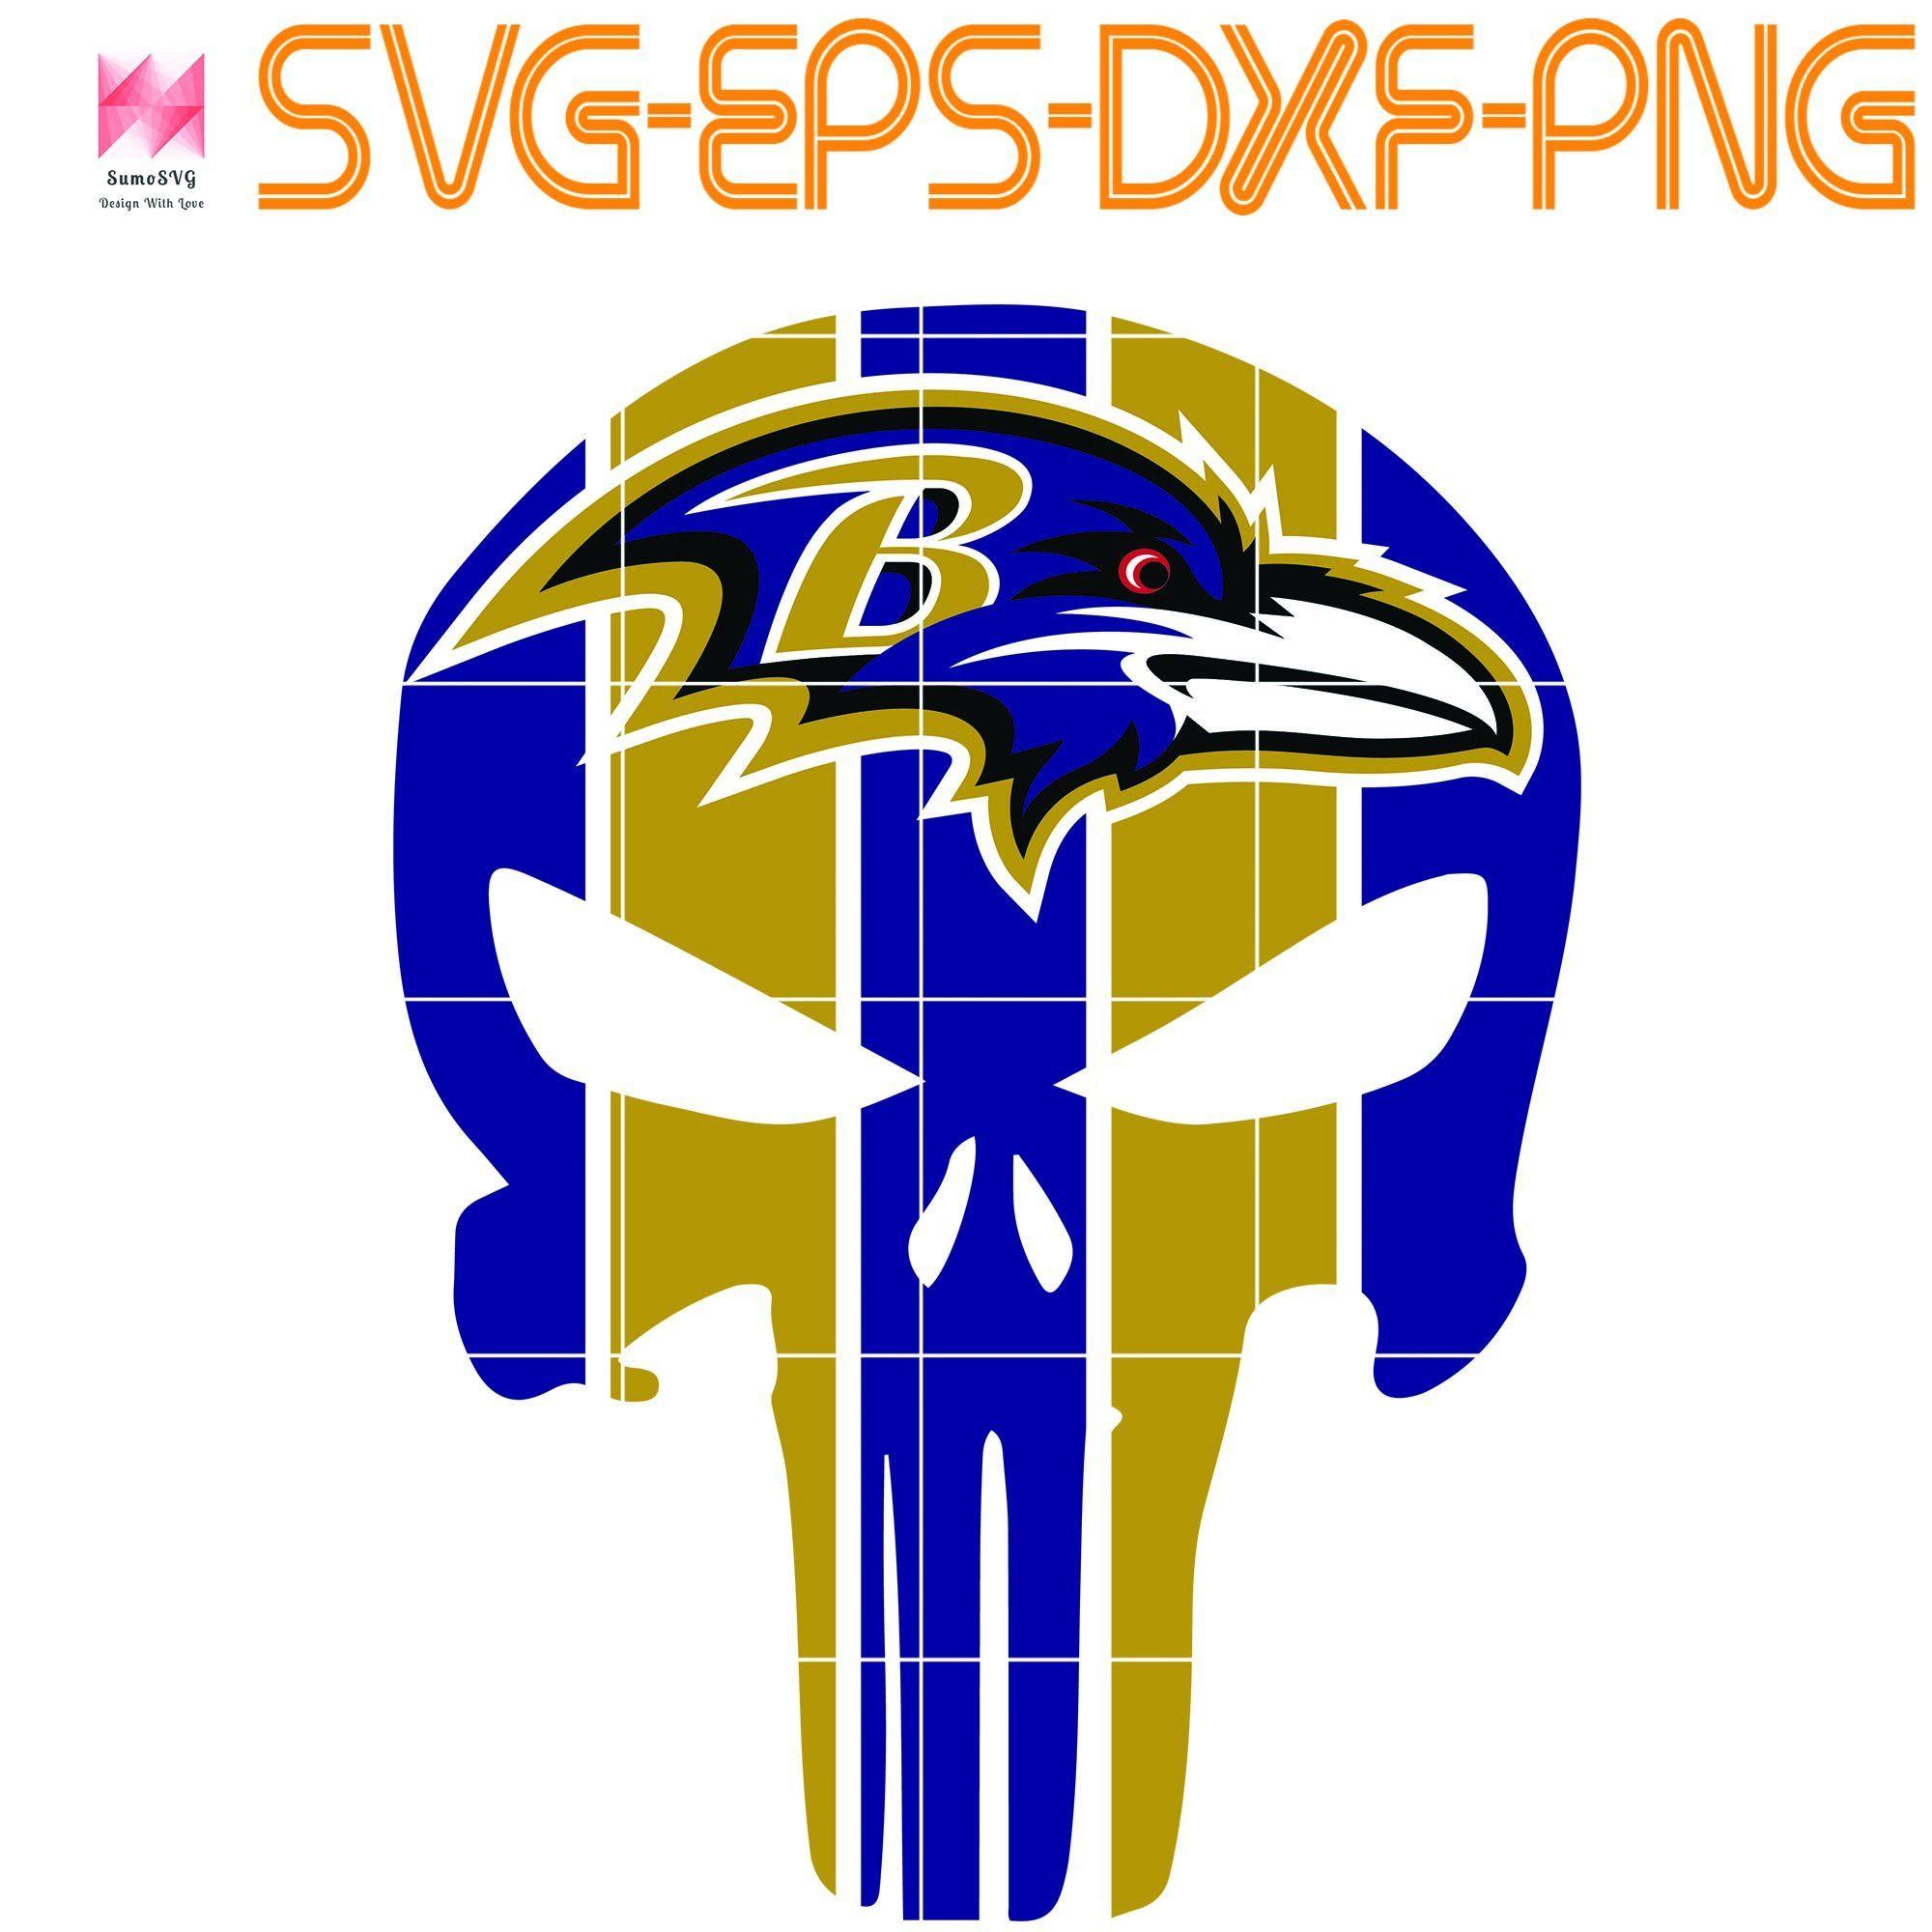 Baltimore Ravens Svg Ravens Svg Ravens Girl Svg Ravens Boy Svg Nfl Svg Ravens Mon Svg Football Svg Dna Fueled By Haters Lip Skull Svg Eps Dxf Png Baltimore Ravens